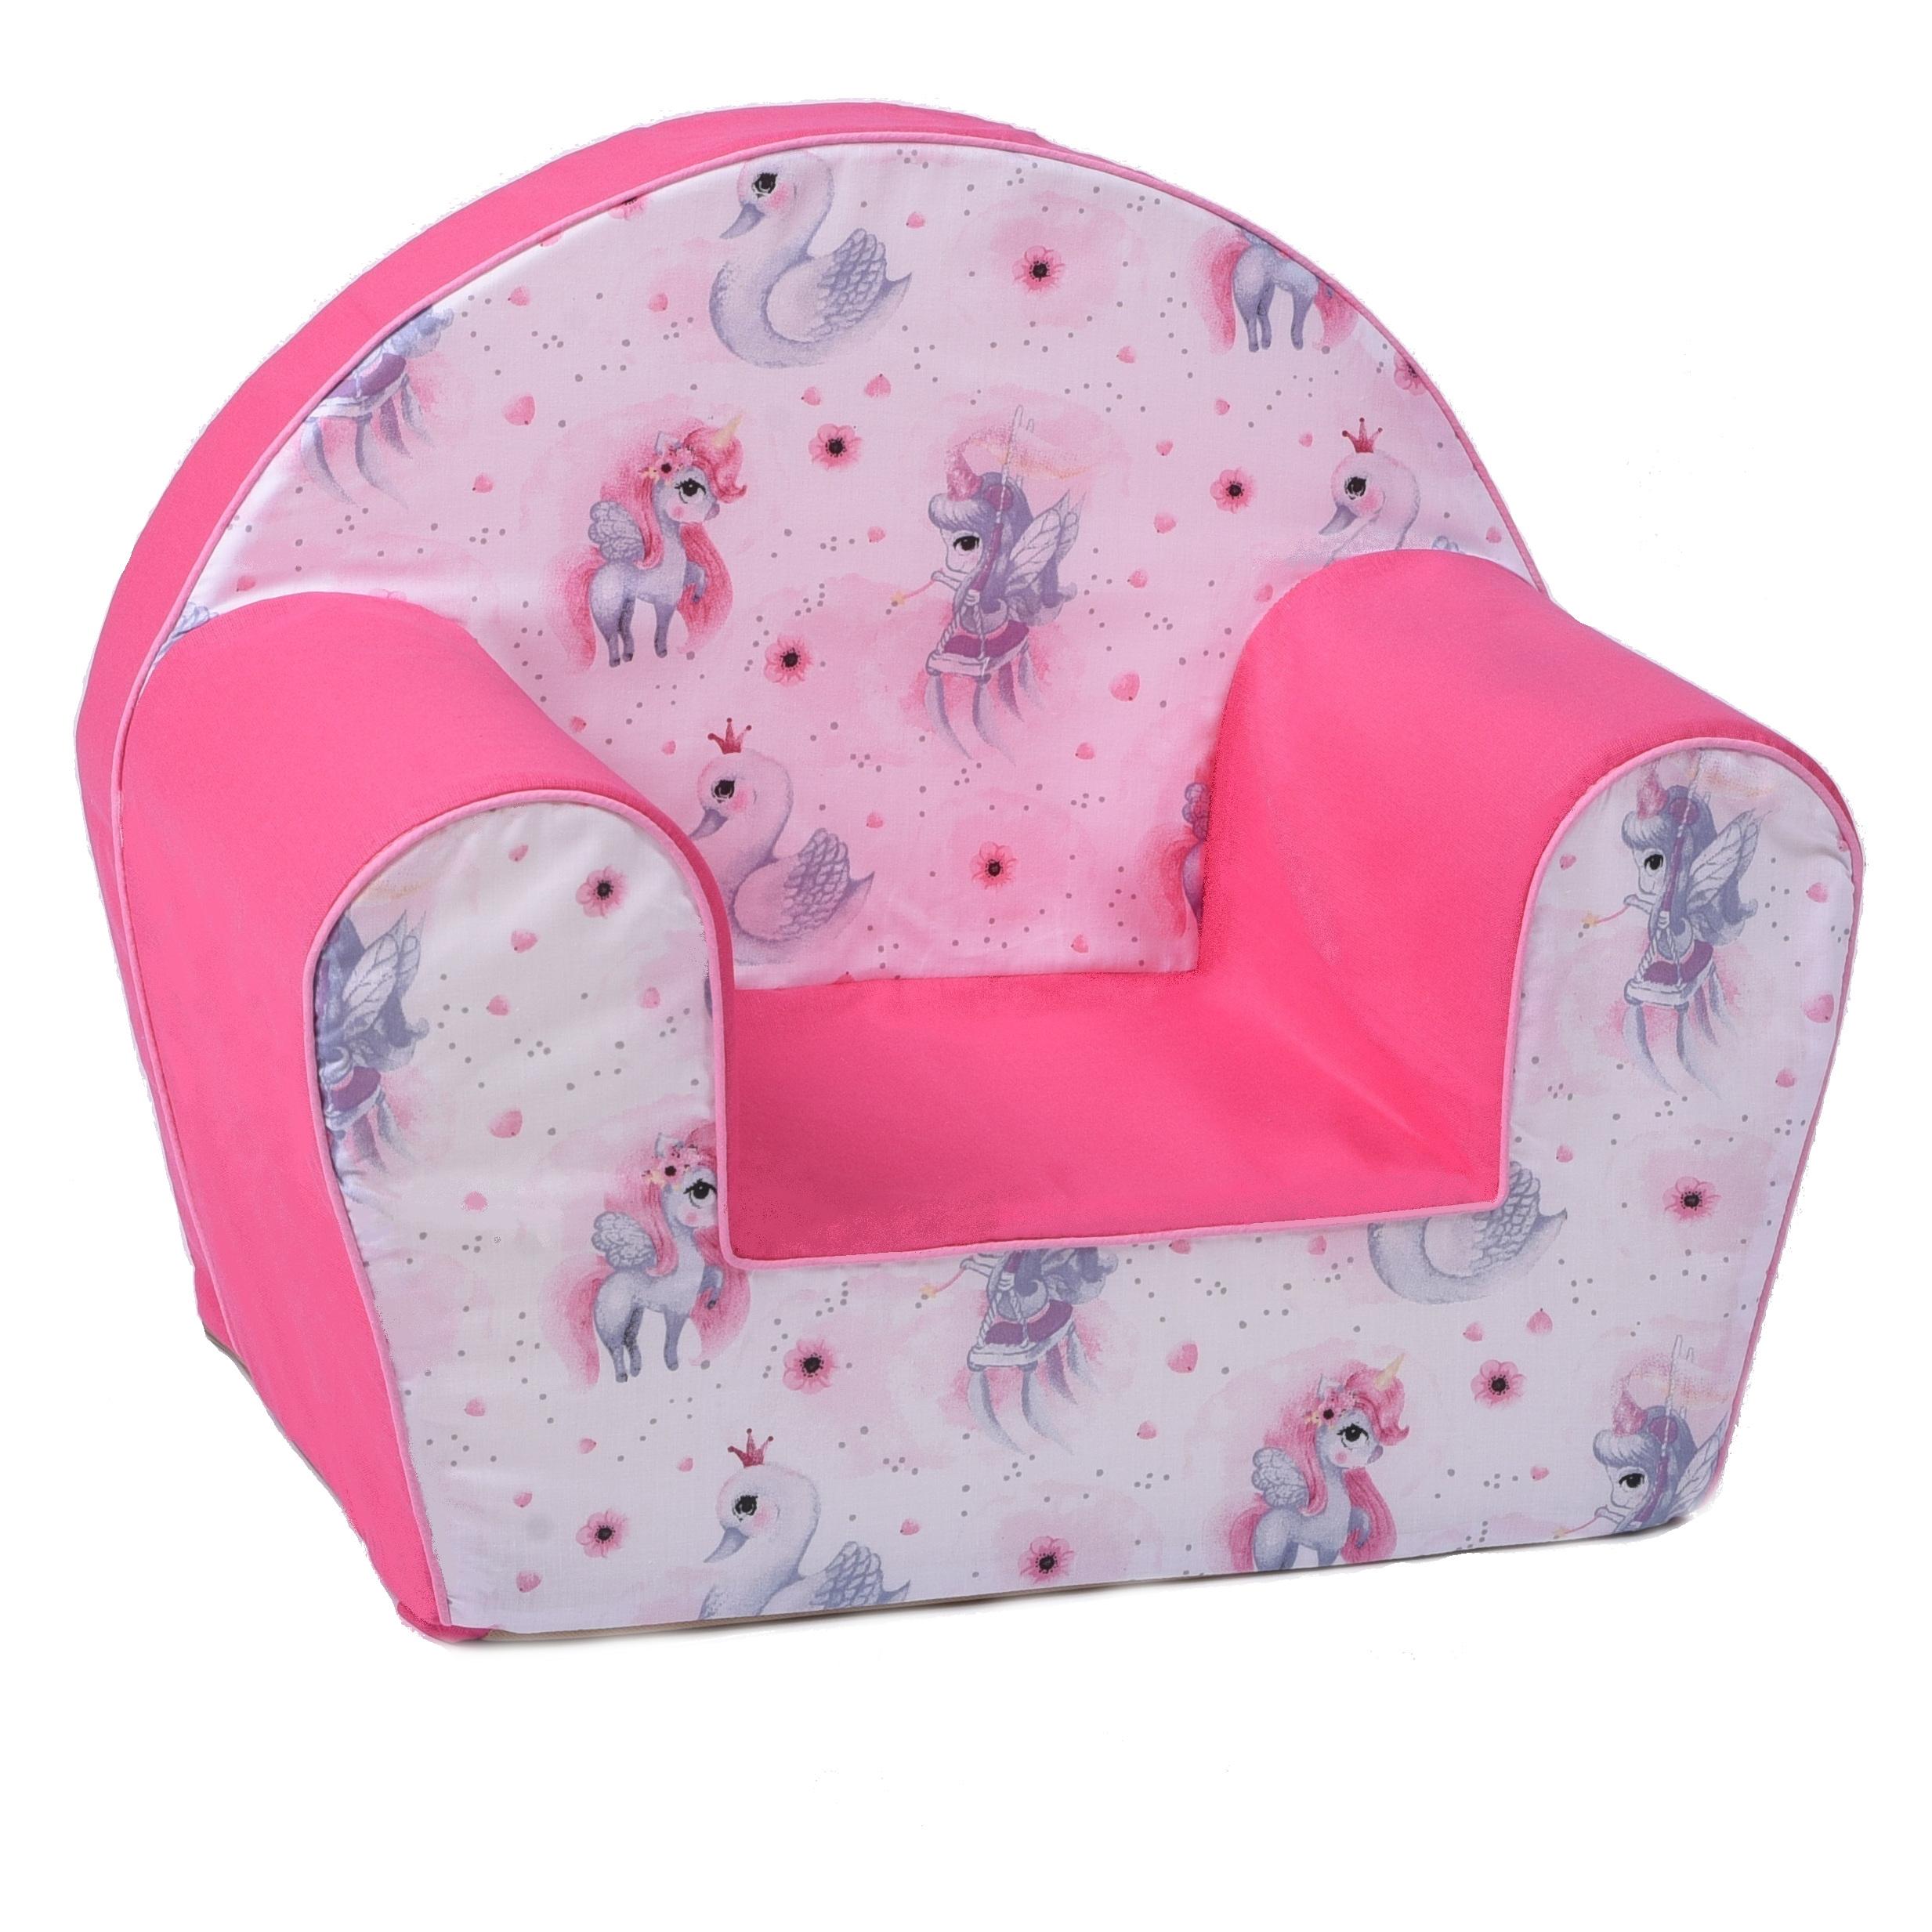 Dětské křesílko jednorožec - růžové